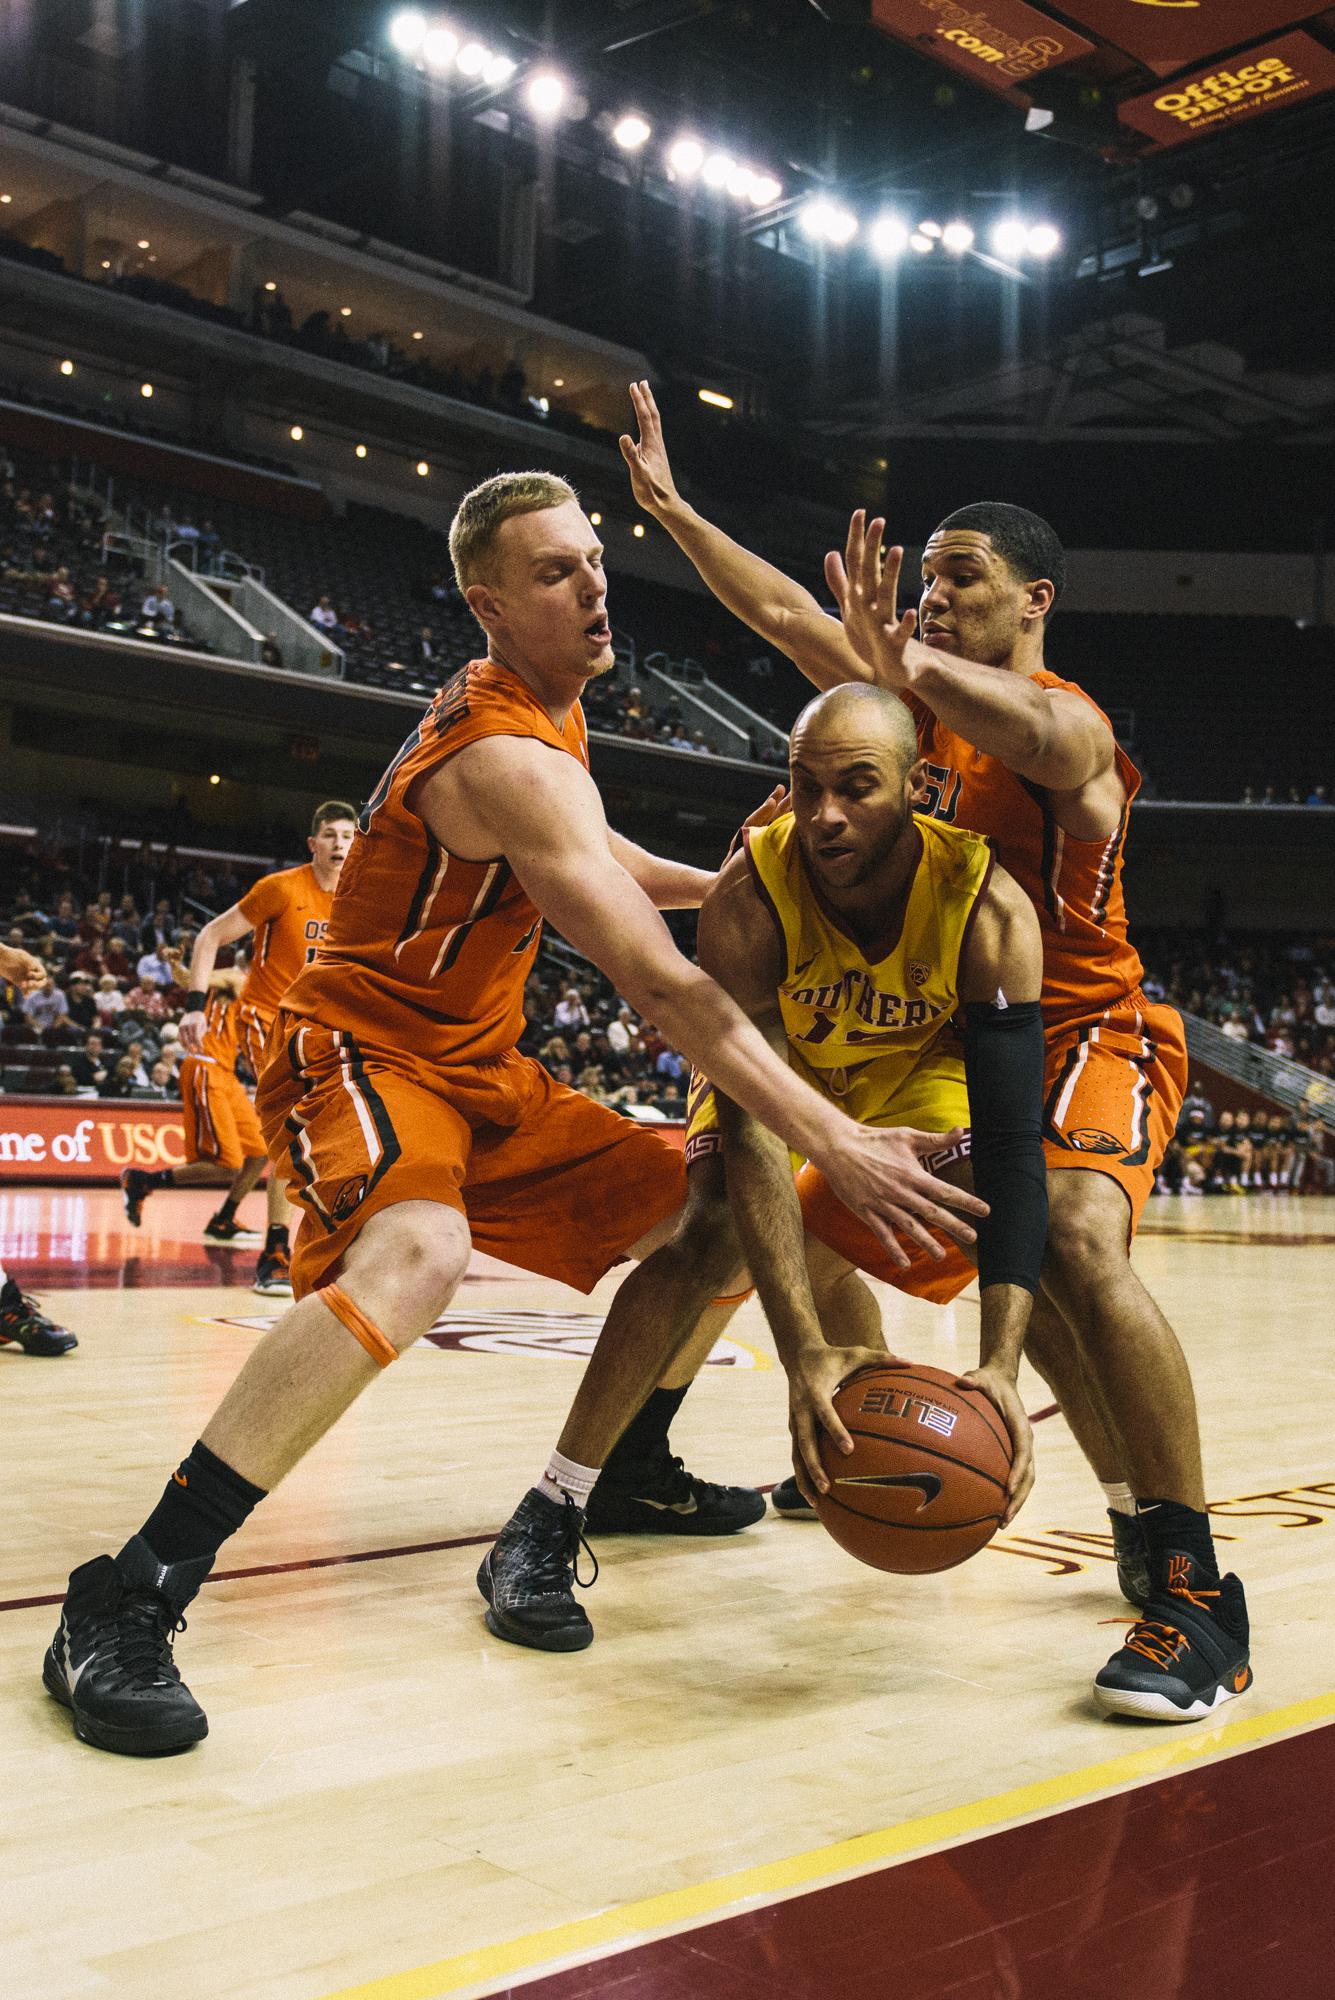 Dondonyan_basketball-4421.jpg